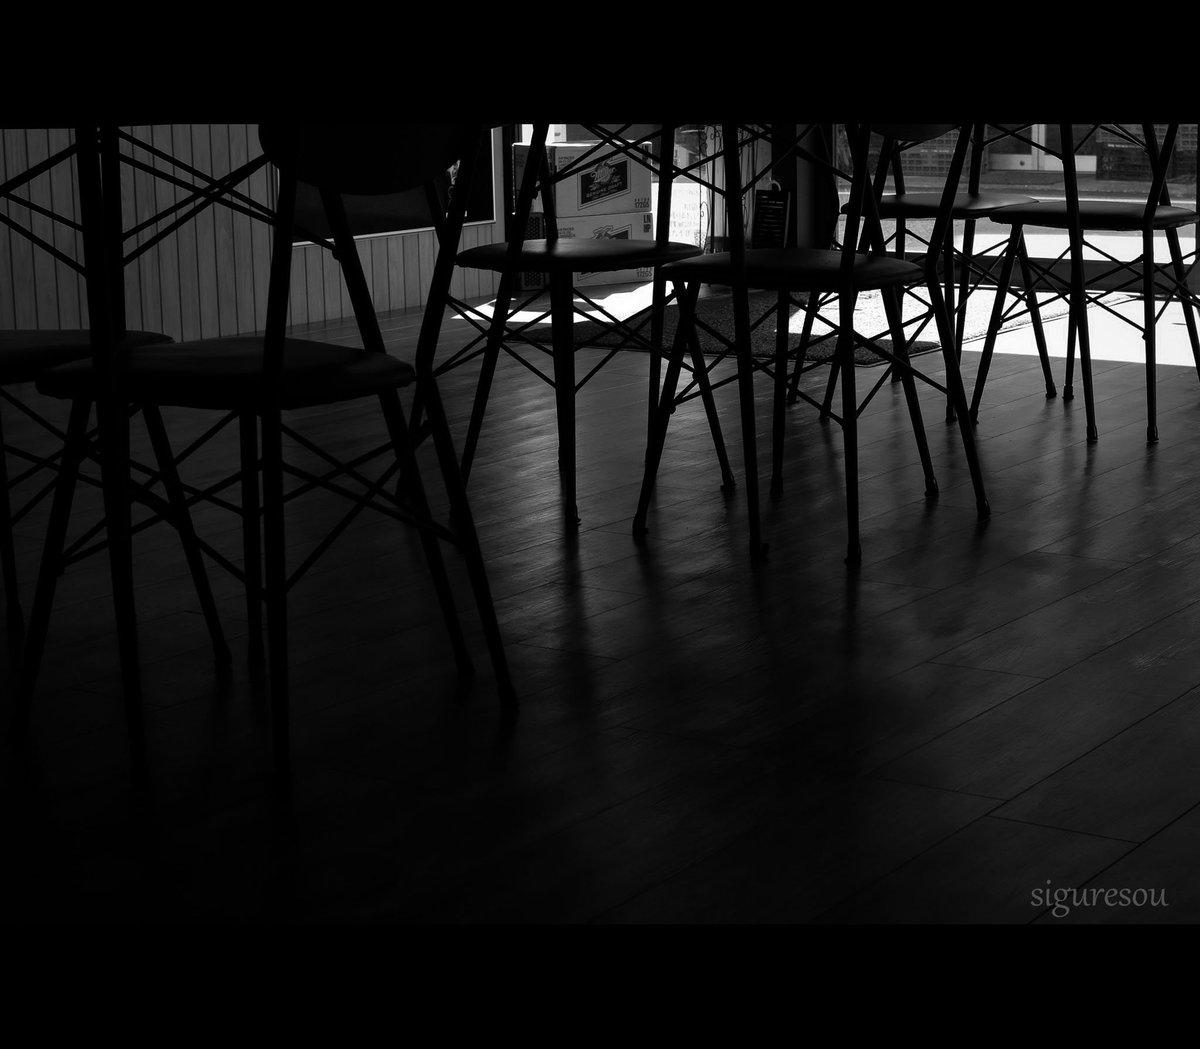 過ぎ去れば今日もアッという間。  #x100f #photography #monochrome #モノクロ写真 #写真好きな人と繋がりたい